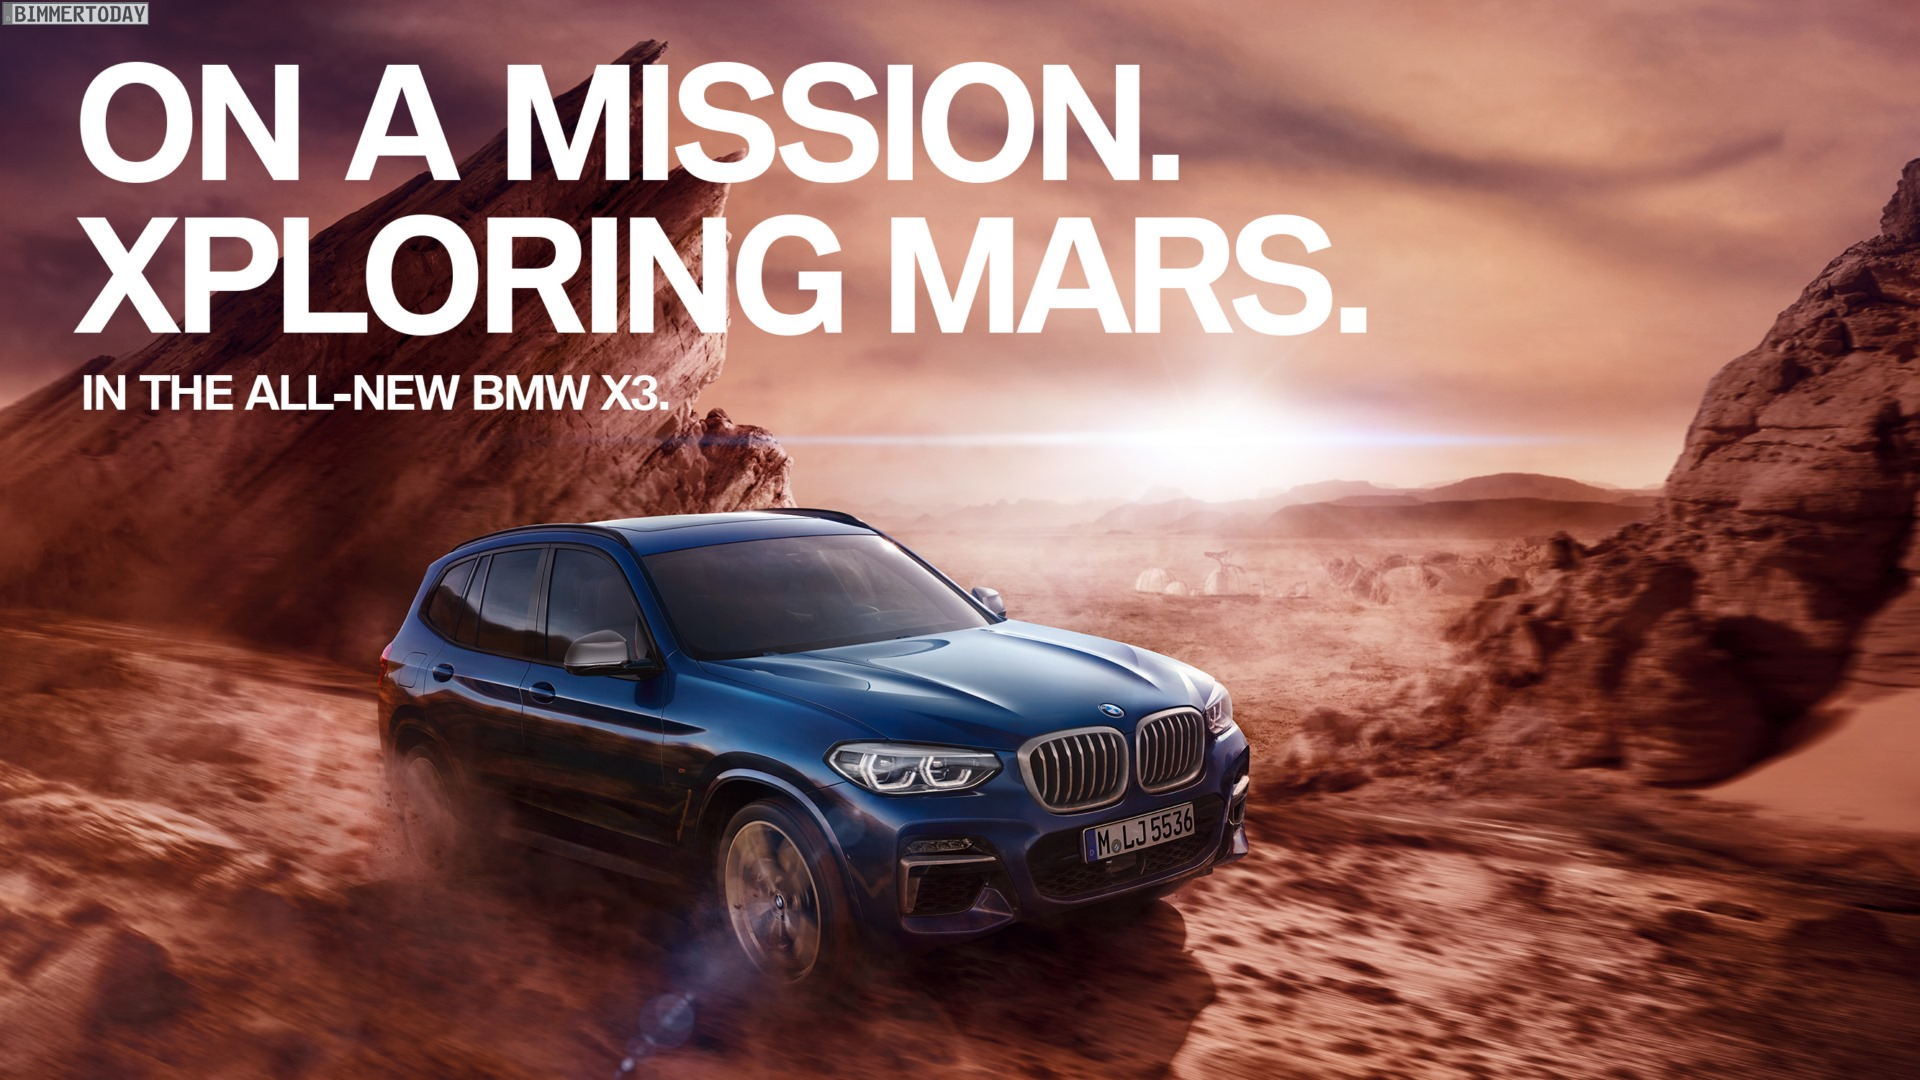 Bmw X3 G01 Werbung Im Suv Auf Dem Weg Zum Mars